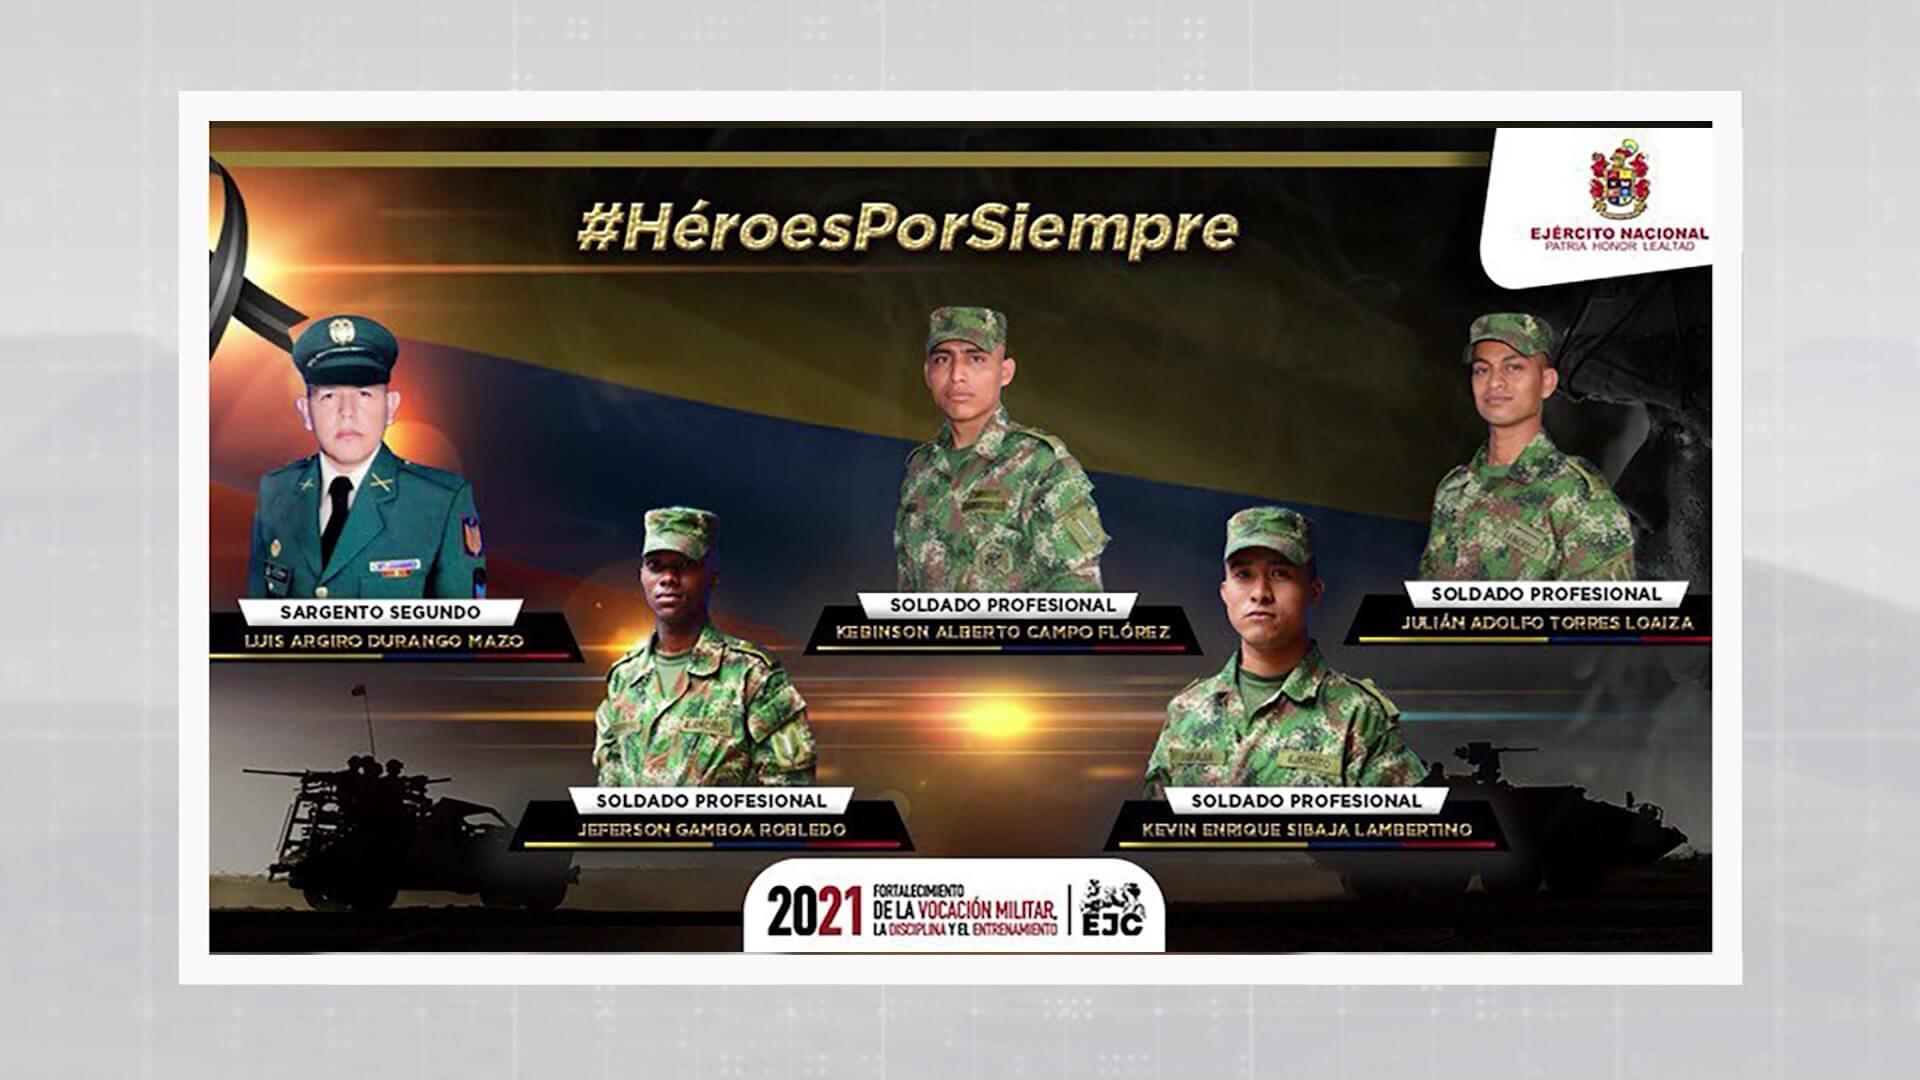 Militar antioqueño entre los 5 soldados muertos en Arauca